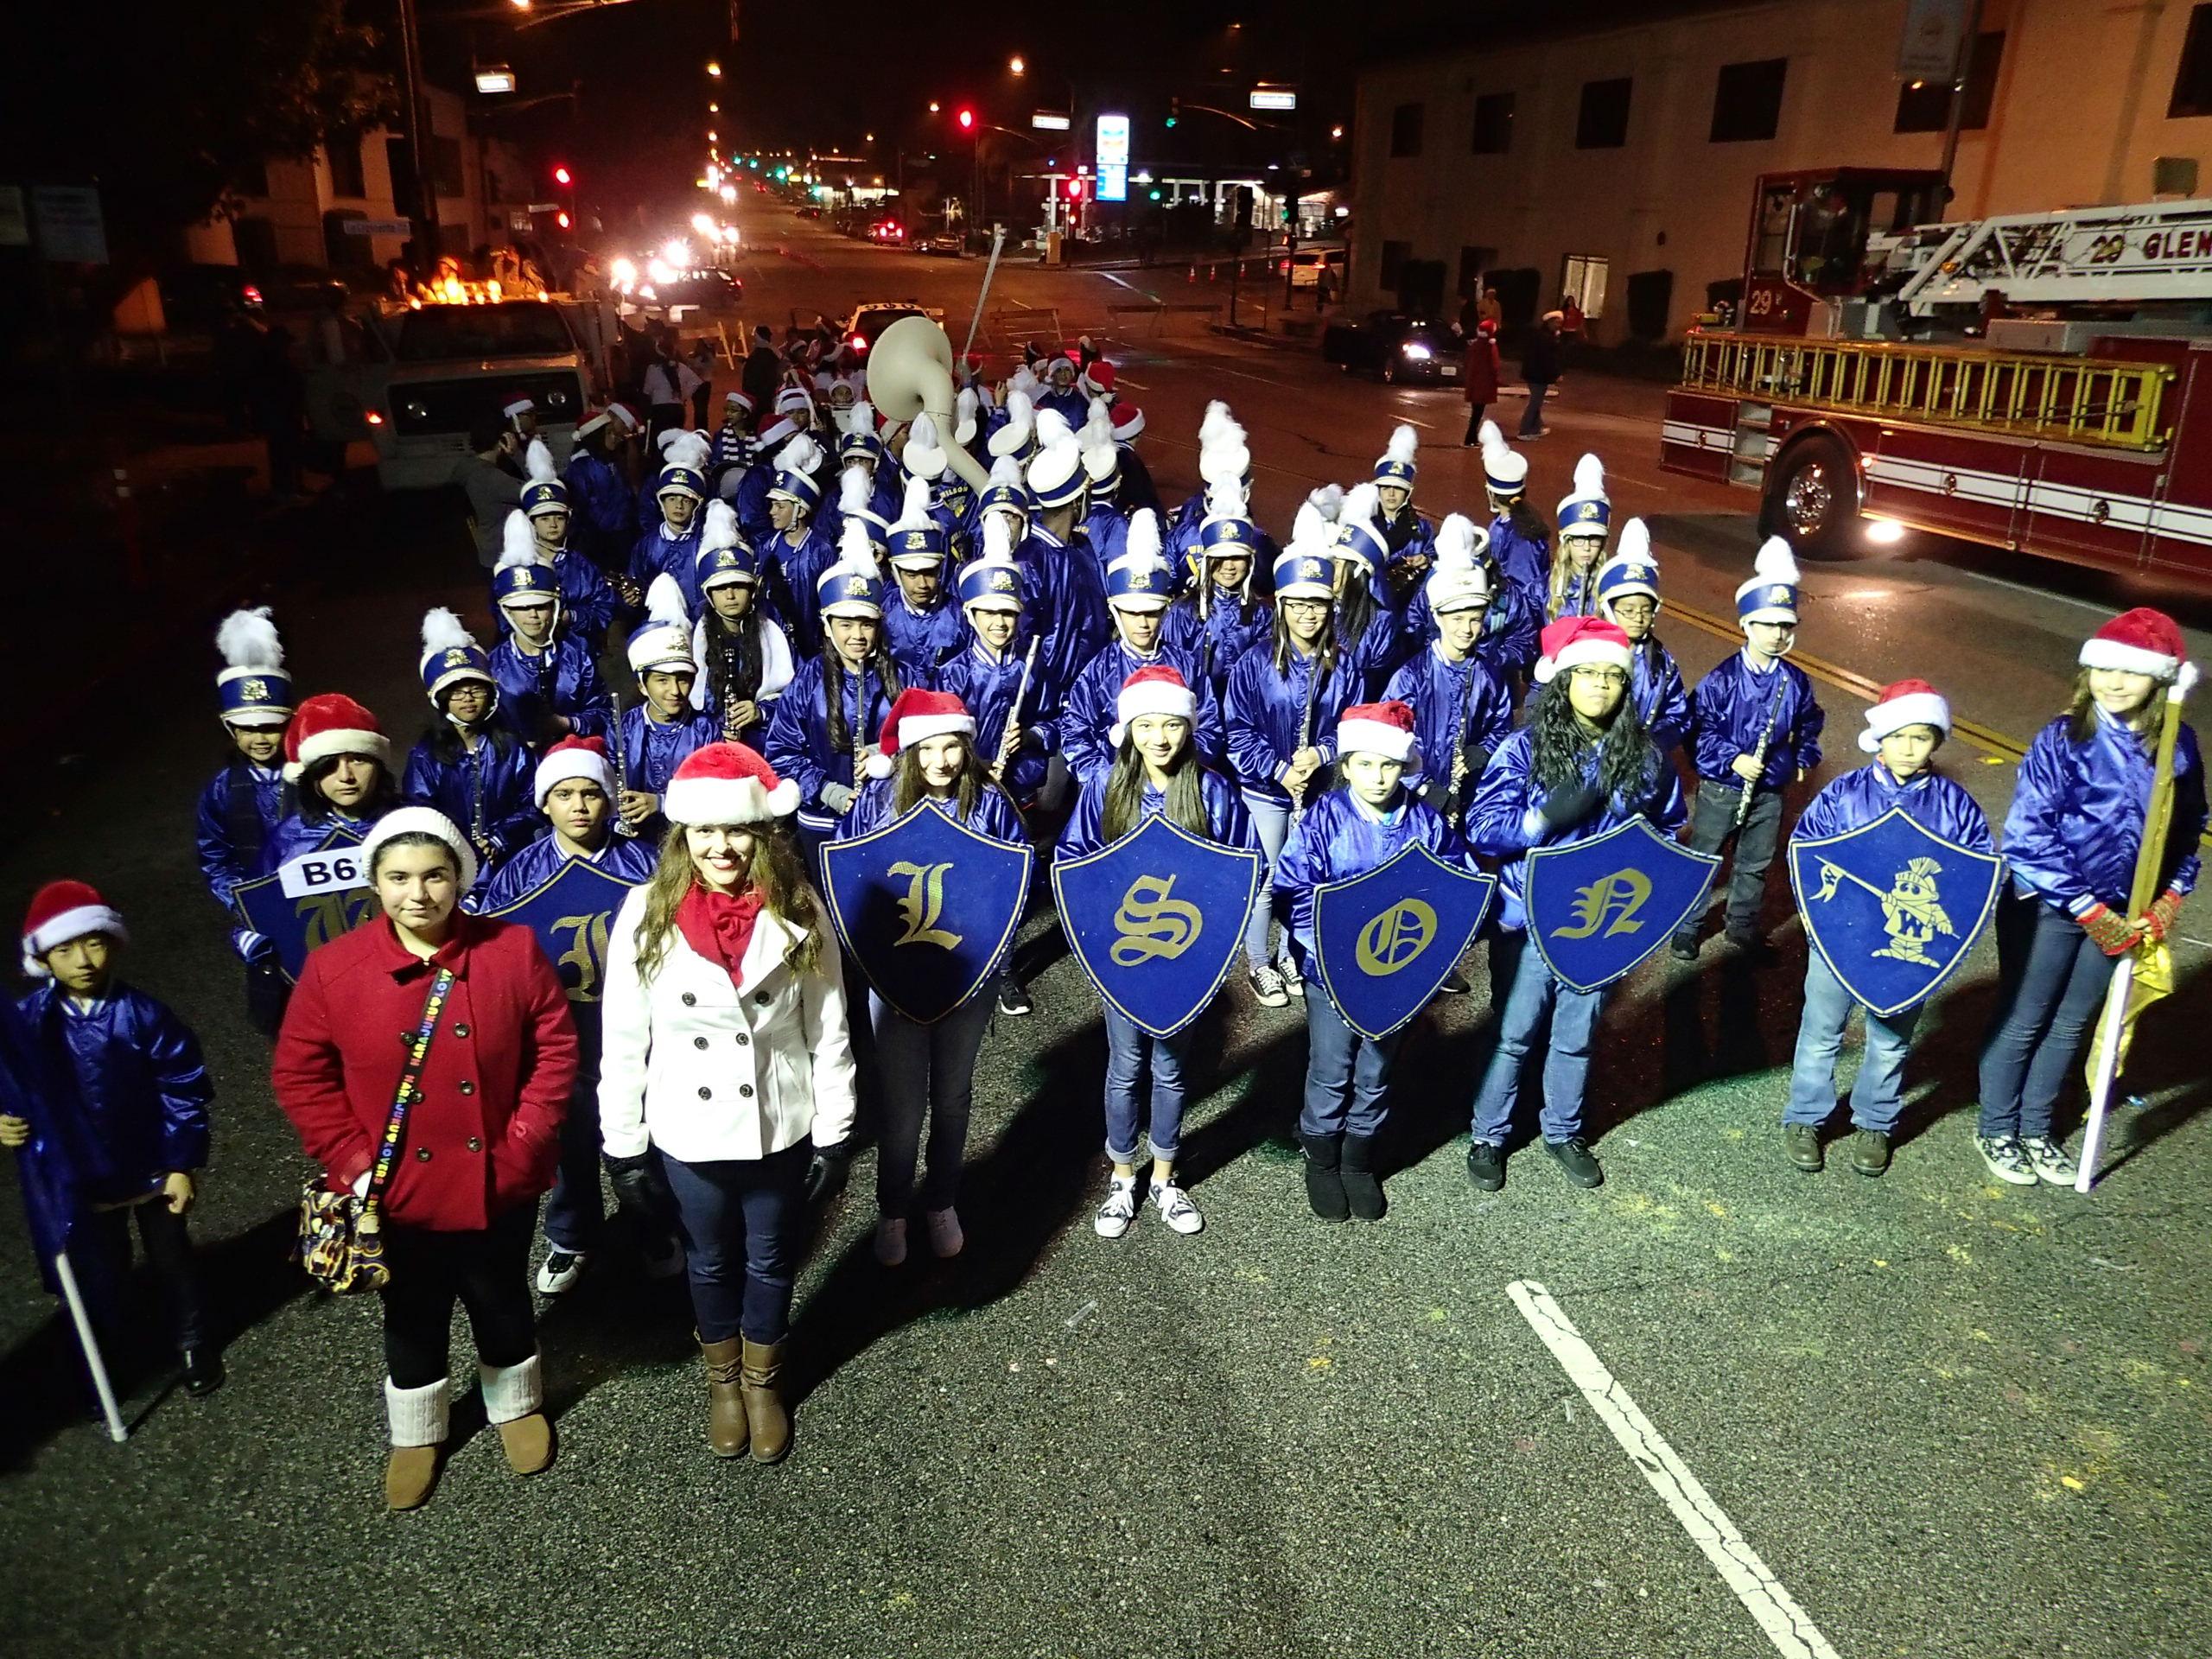 Montrose Christmas Parade 2020 Montrose Christmas Parade Association |